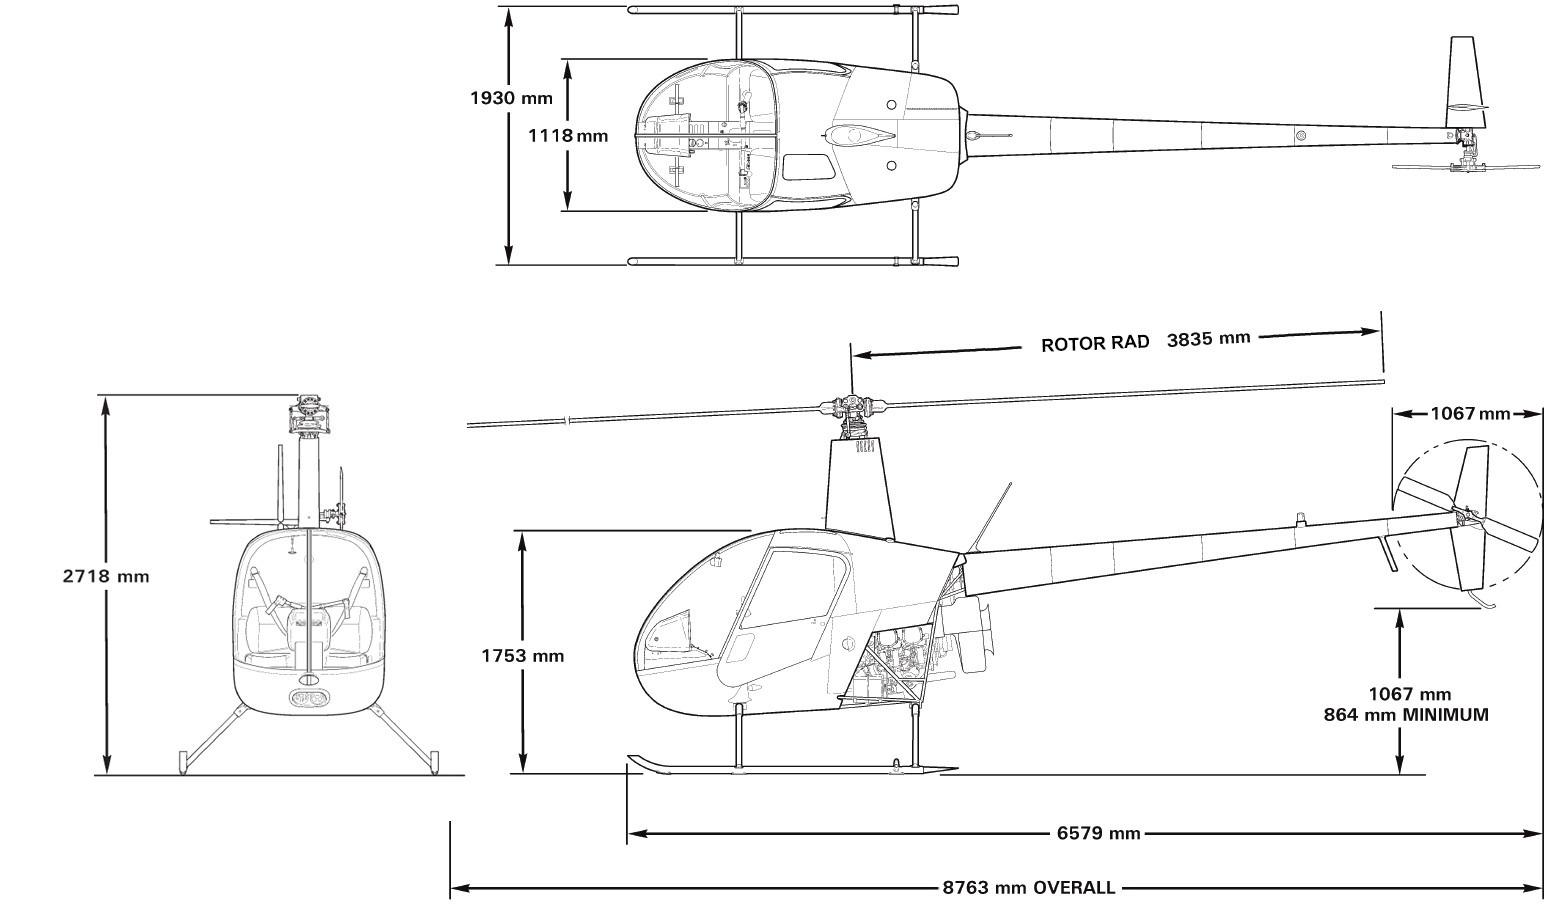 Sprzedaż helikopterów Robinson R 22